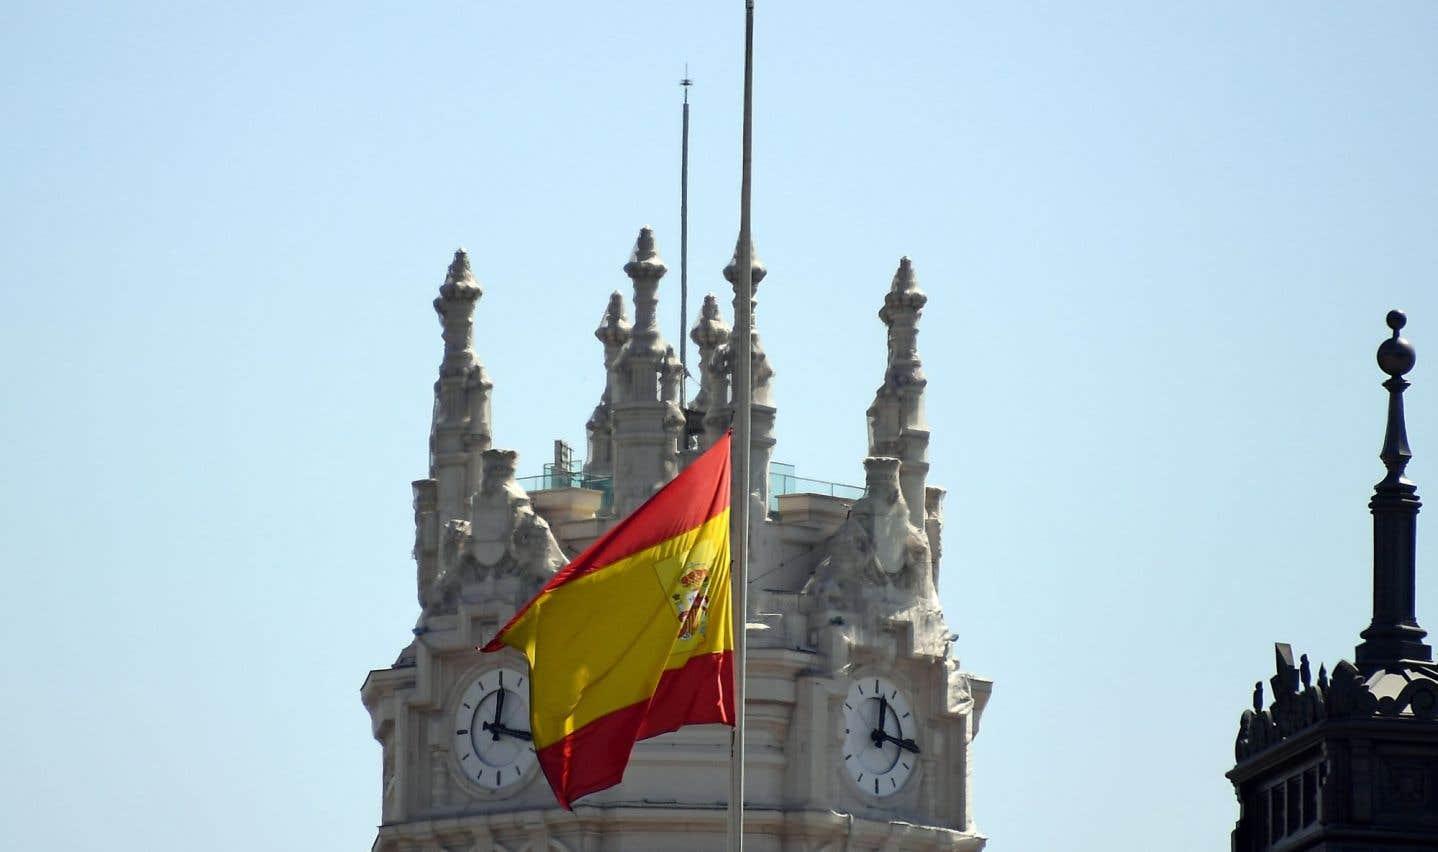 Barcelone: treize ans après, le fantôme des attentats de Madrid